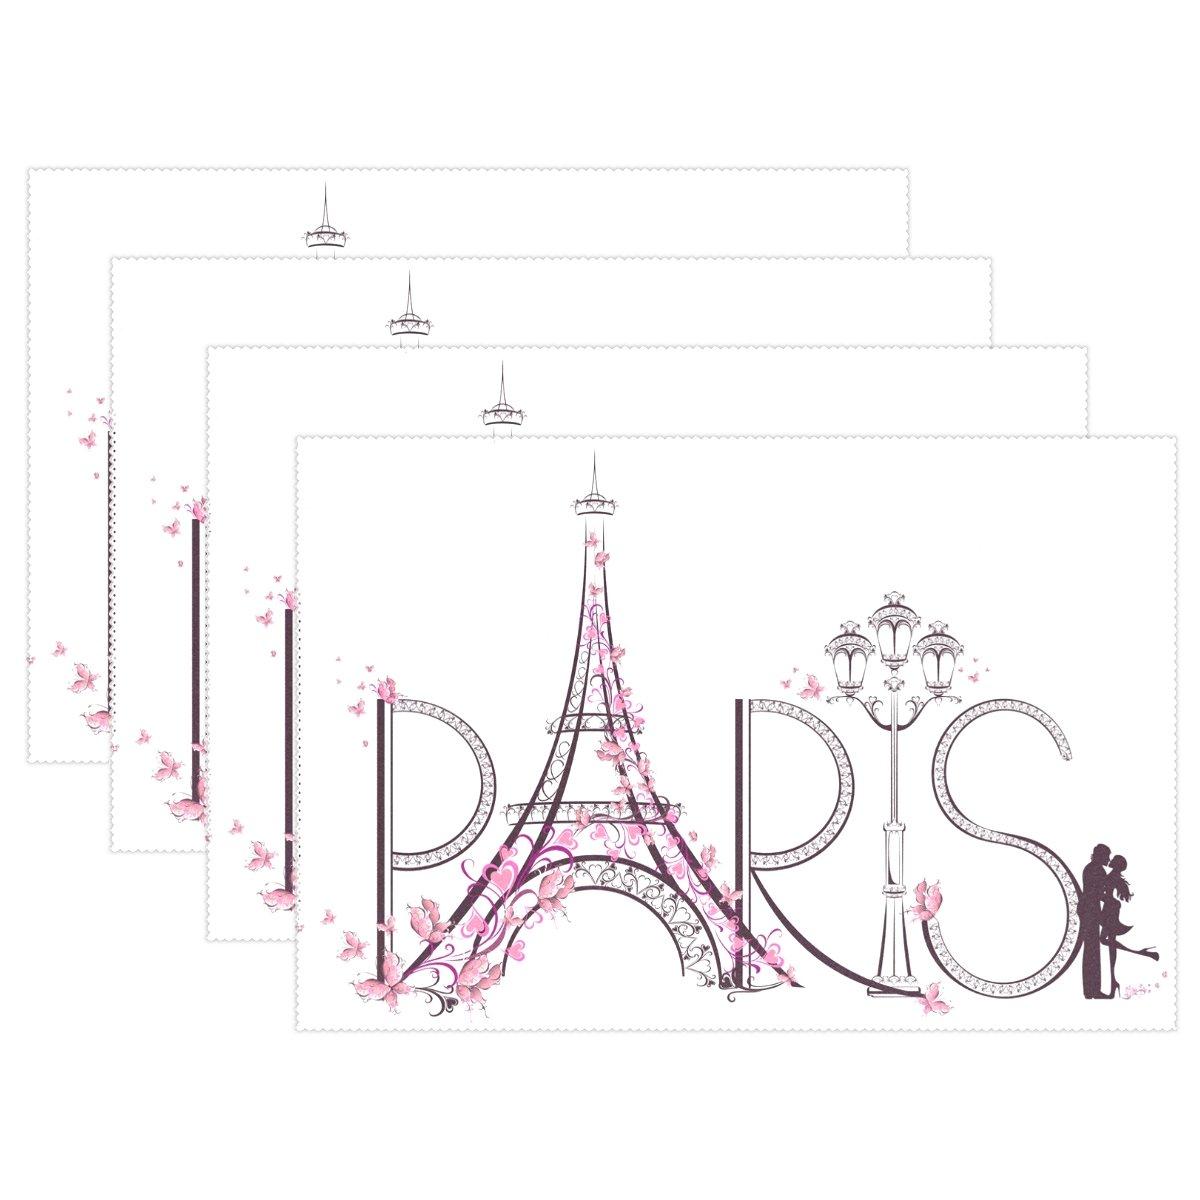 Romantic floralフランスパリエッフェル塔バタフライ耐熱表プレースマットStain Resistantのテーブルマット洗濯可能食べマットホームキッチン 1 マルチ1 B075YTRGL2